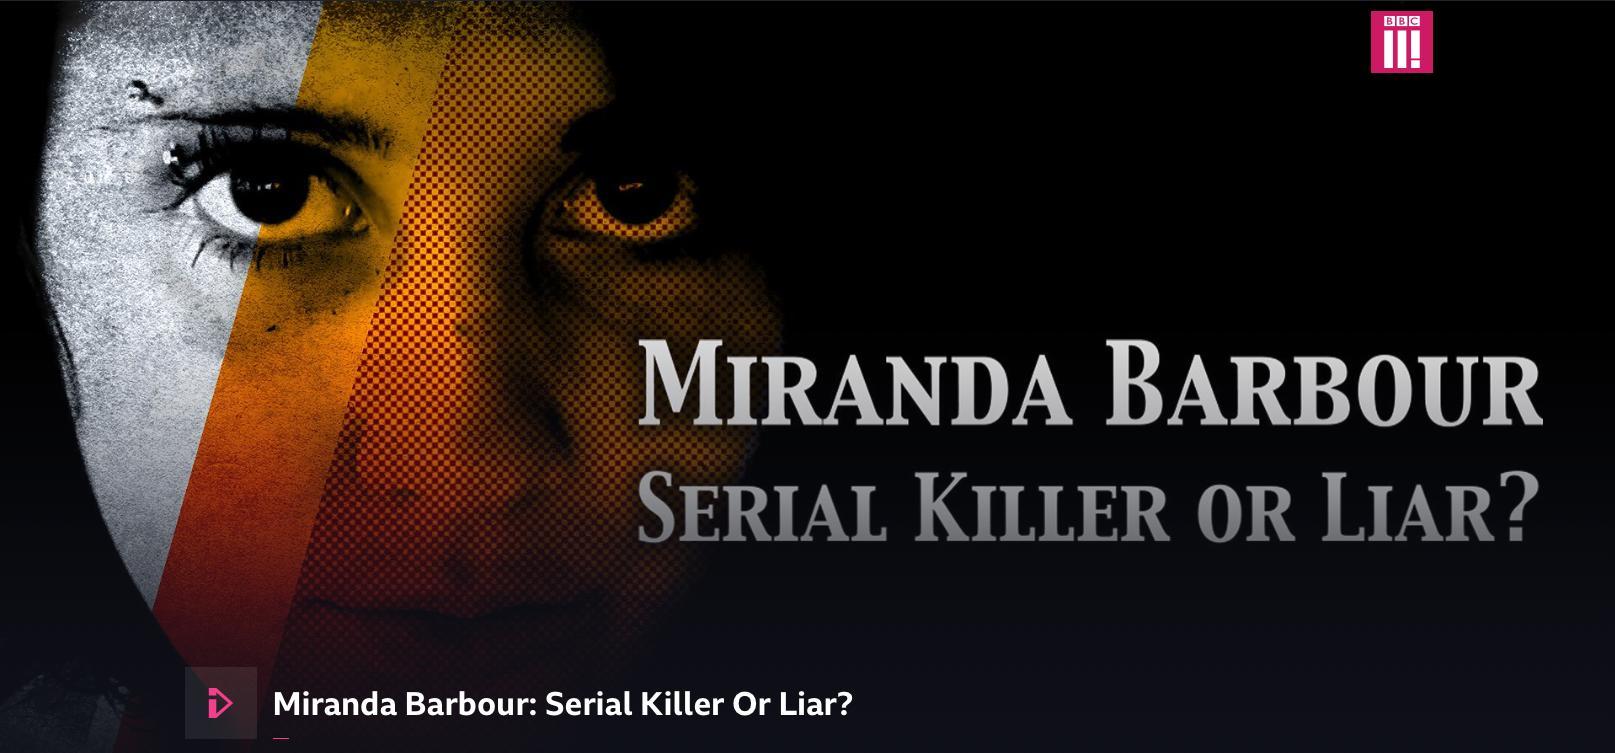 Miranda Barbour: Serial Killer Or Liar